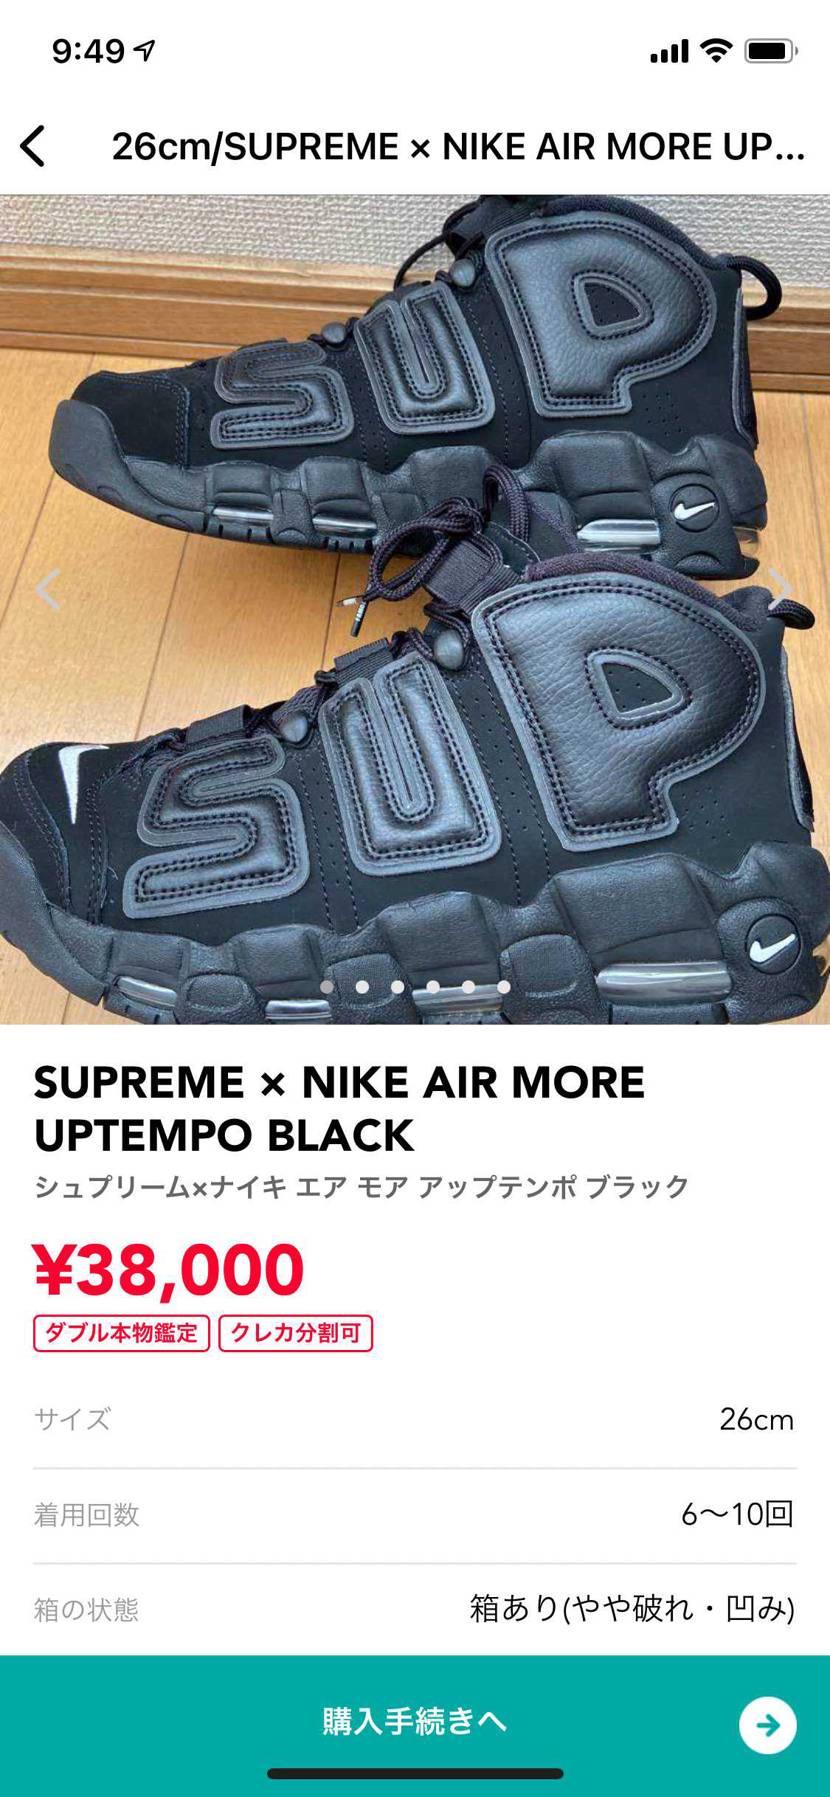 出品者様へ 購入を考えていますが、35000円に値引きしていただくことは可能で